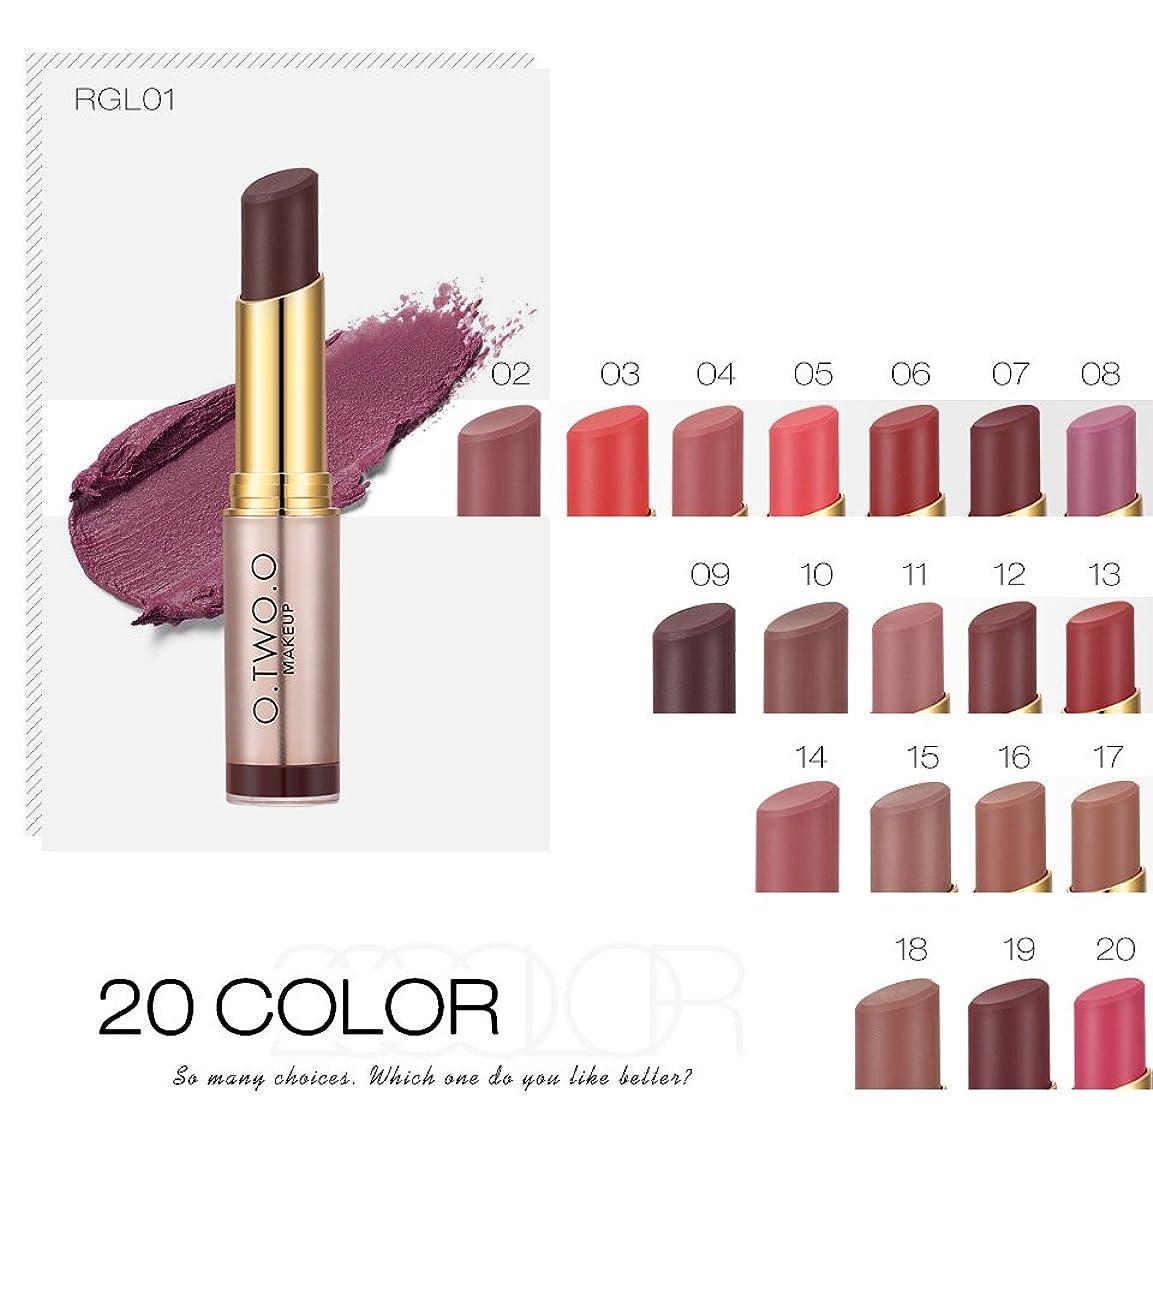 敵対的マットレス反乱(RGL16) Brand Wholesale Beauty Makeup Lipstick Popular Colors Best Seller Long Lasting Lip Kit Matte Lip Cosmetics